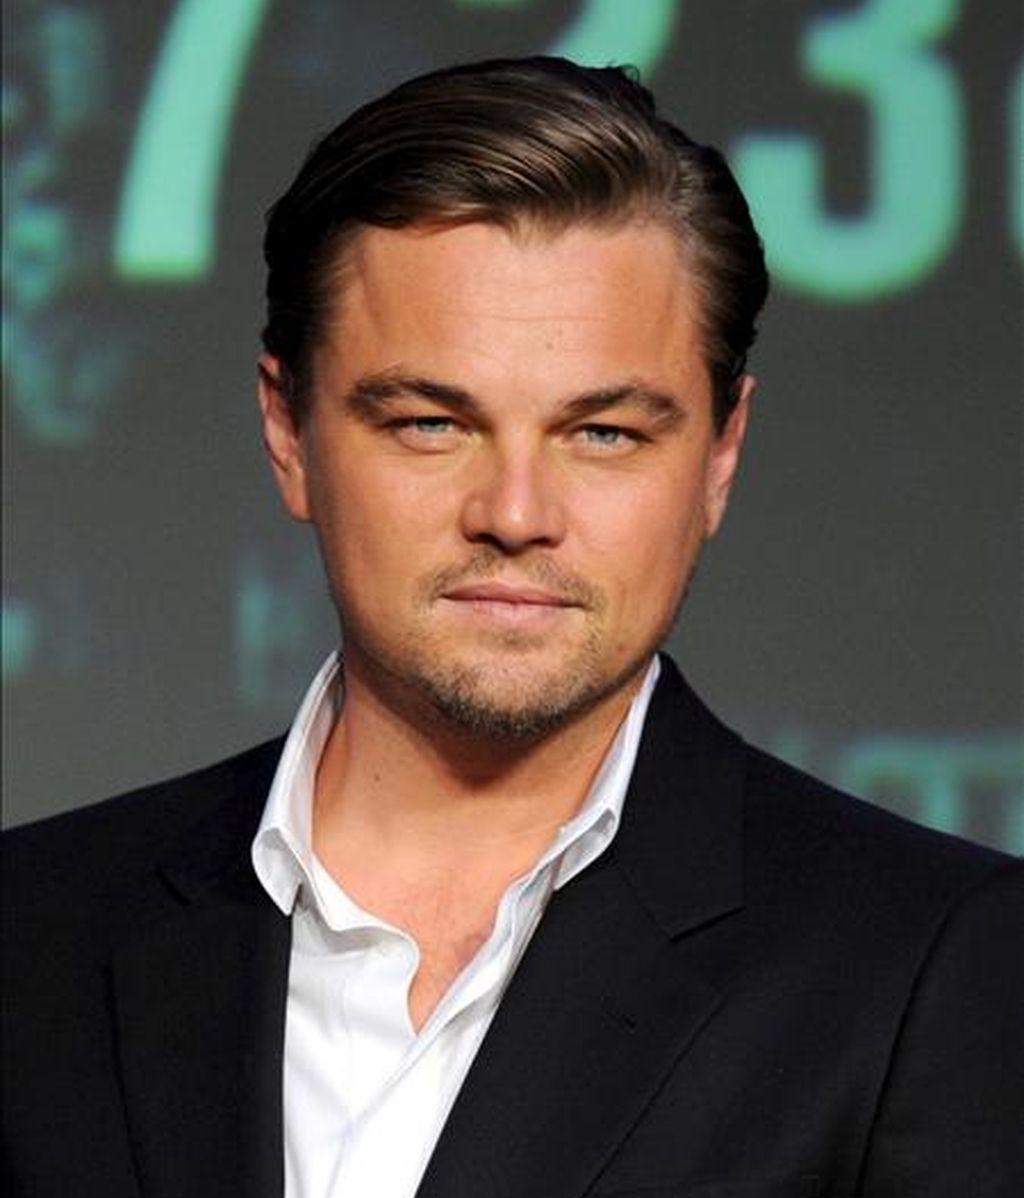 El actor estadounidense Leonardo Di Caprio. EFE/Archivo